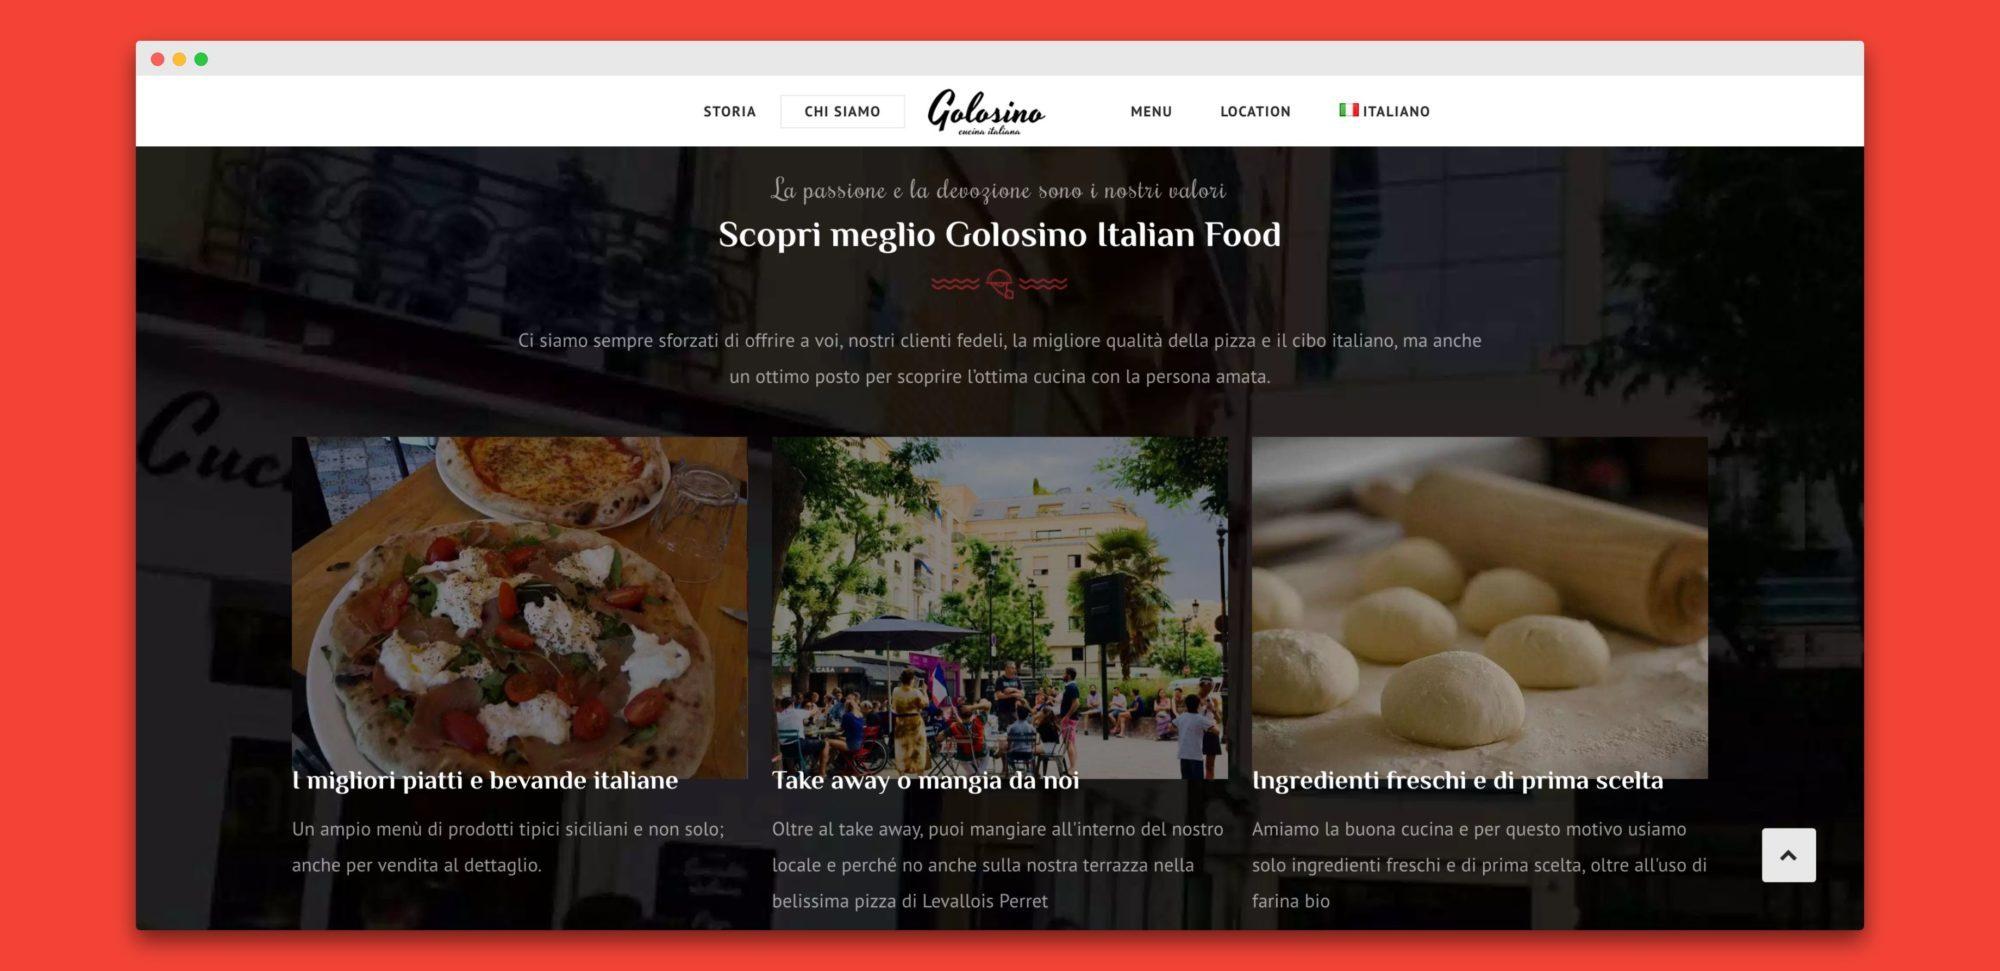 teroro agency golosino realizzazione sito internet 2 - Golosino - Pizzeria Ristorante italiano a Parigi